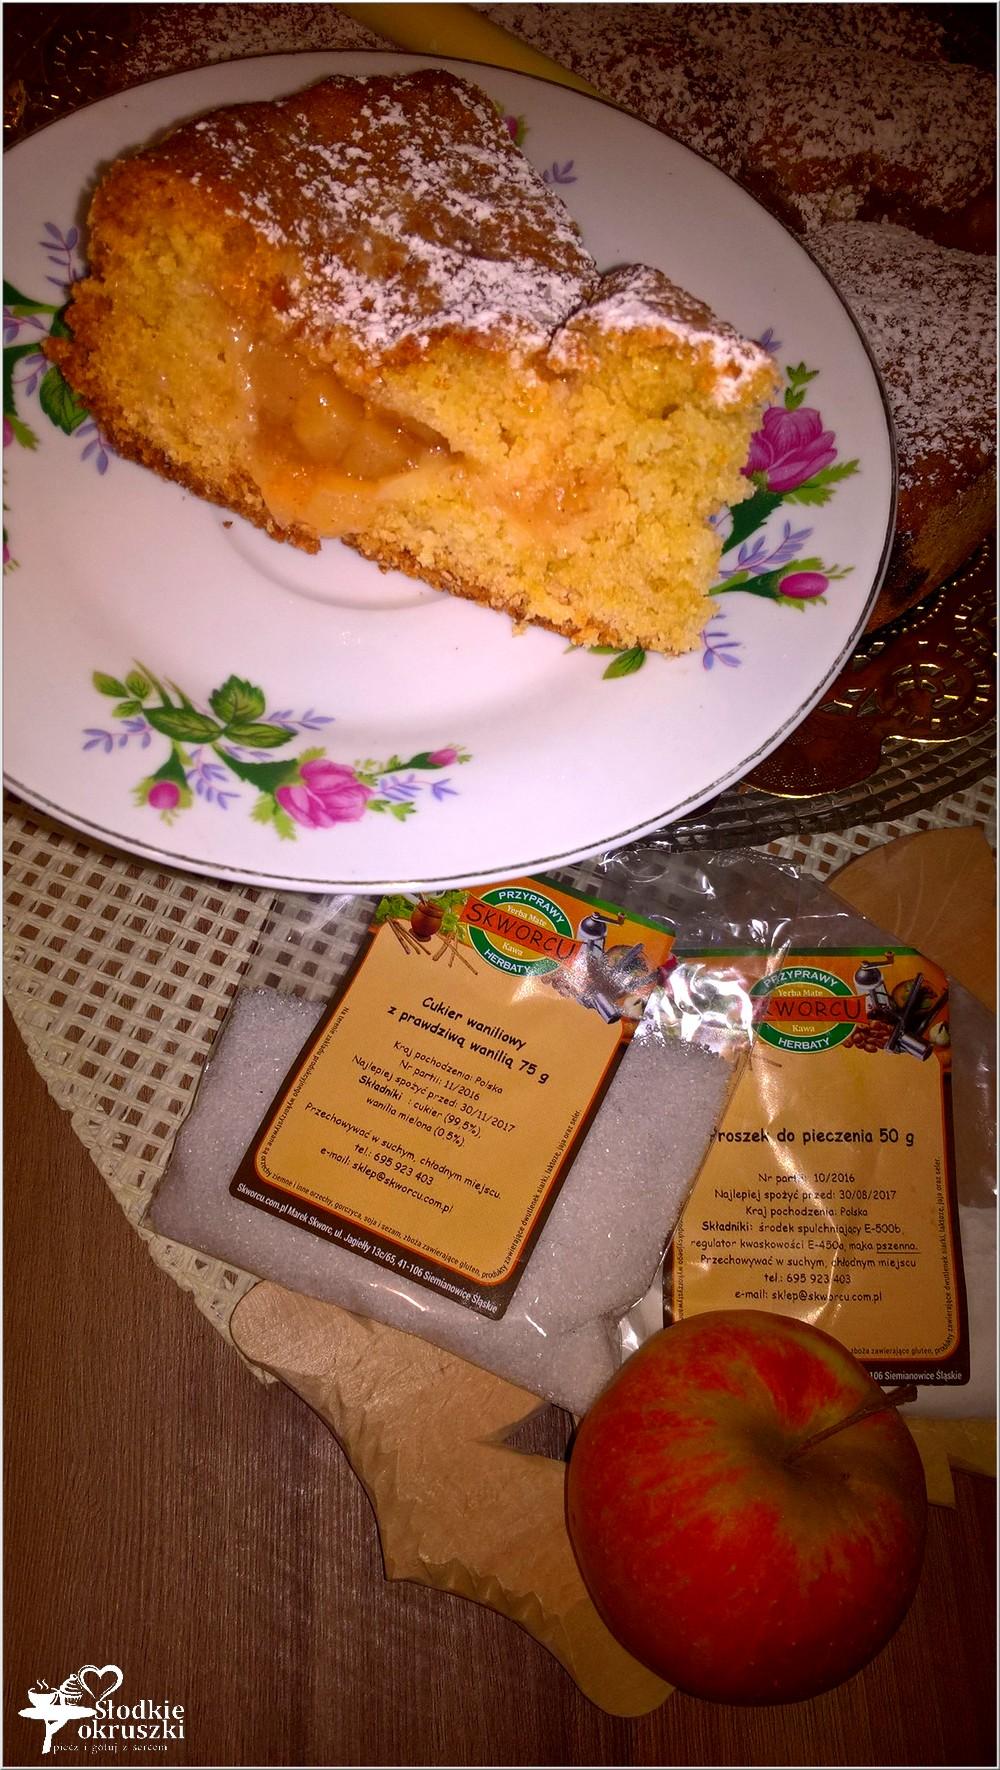 ciasto-z-prazonymi-jablkami-jablecznik-2